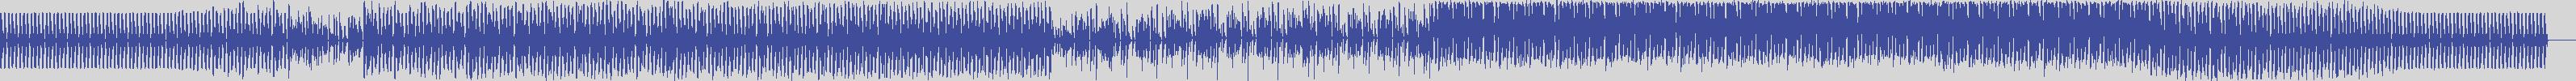 just_digital_records [JS1065] Dj Alex Del Lago - Le Mi a Mua [Original Mix] audio wave form